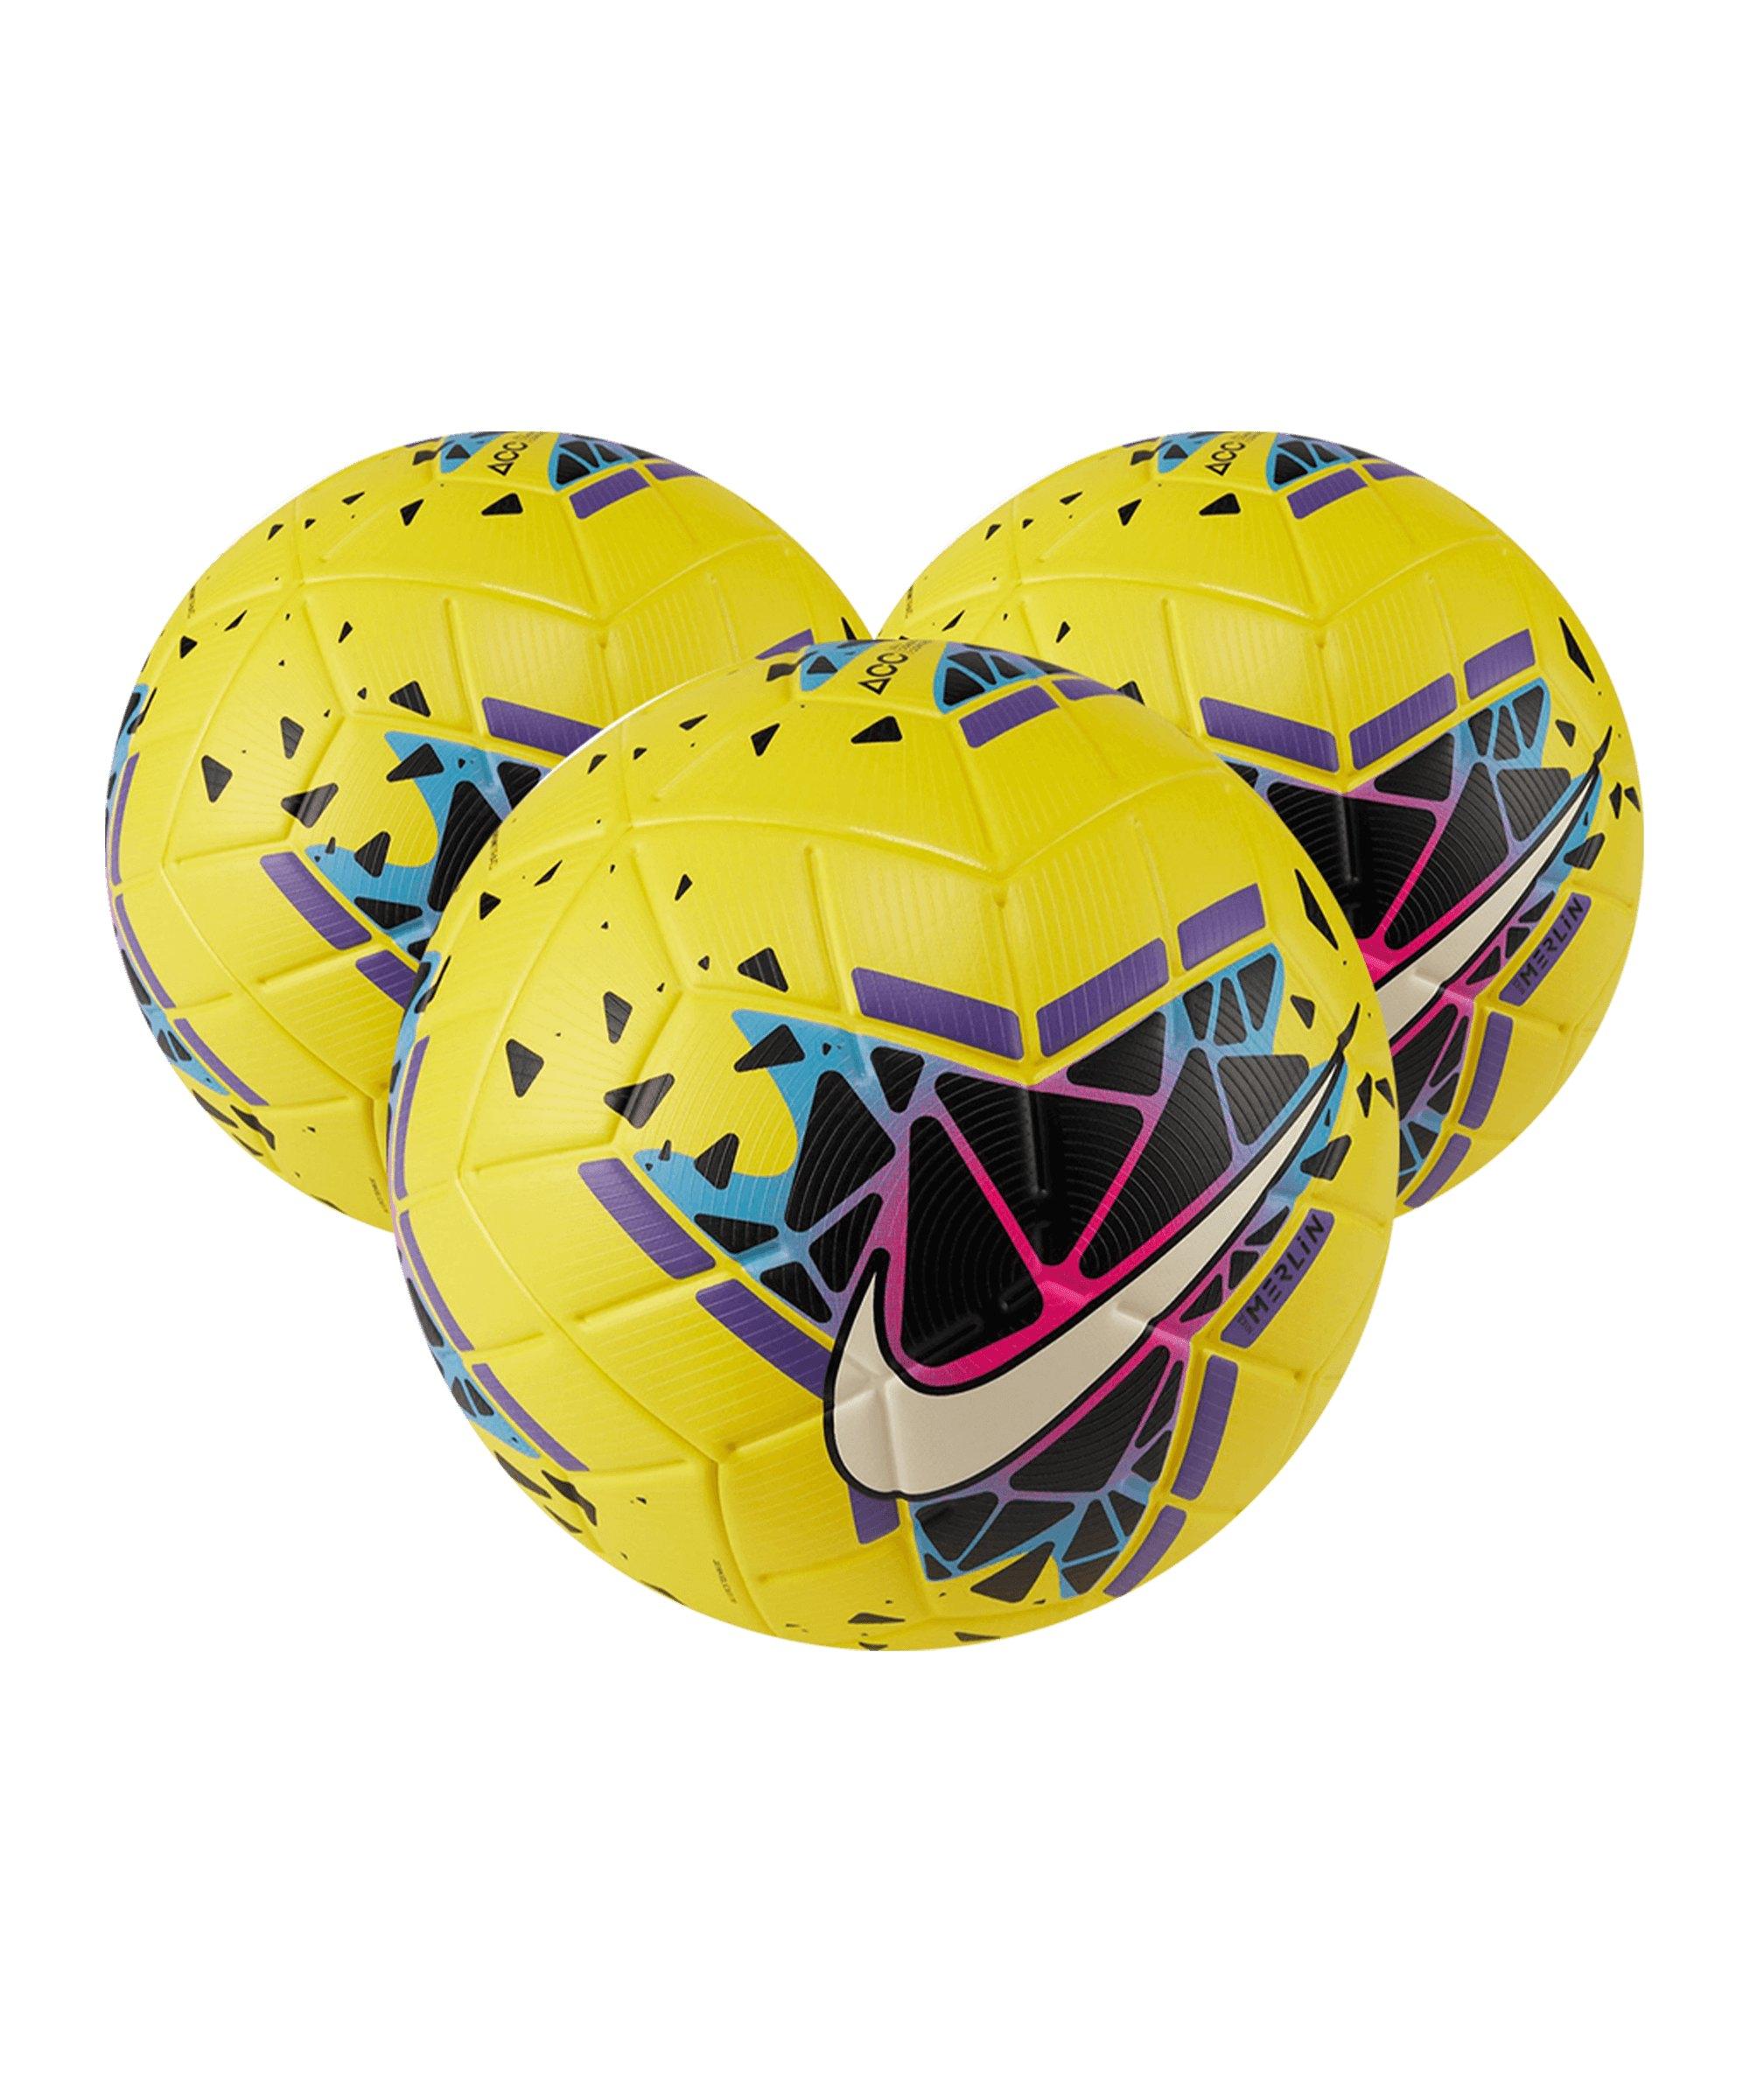 Nike Merlin FA19 Spielball 3x Gr5 Gelb Schwarz F710 - gelb